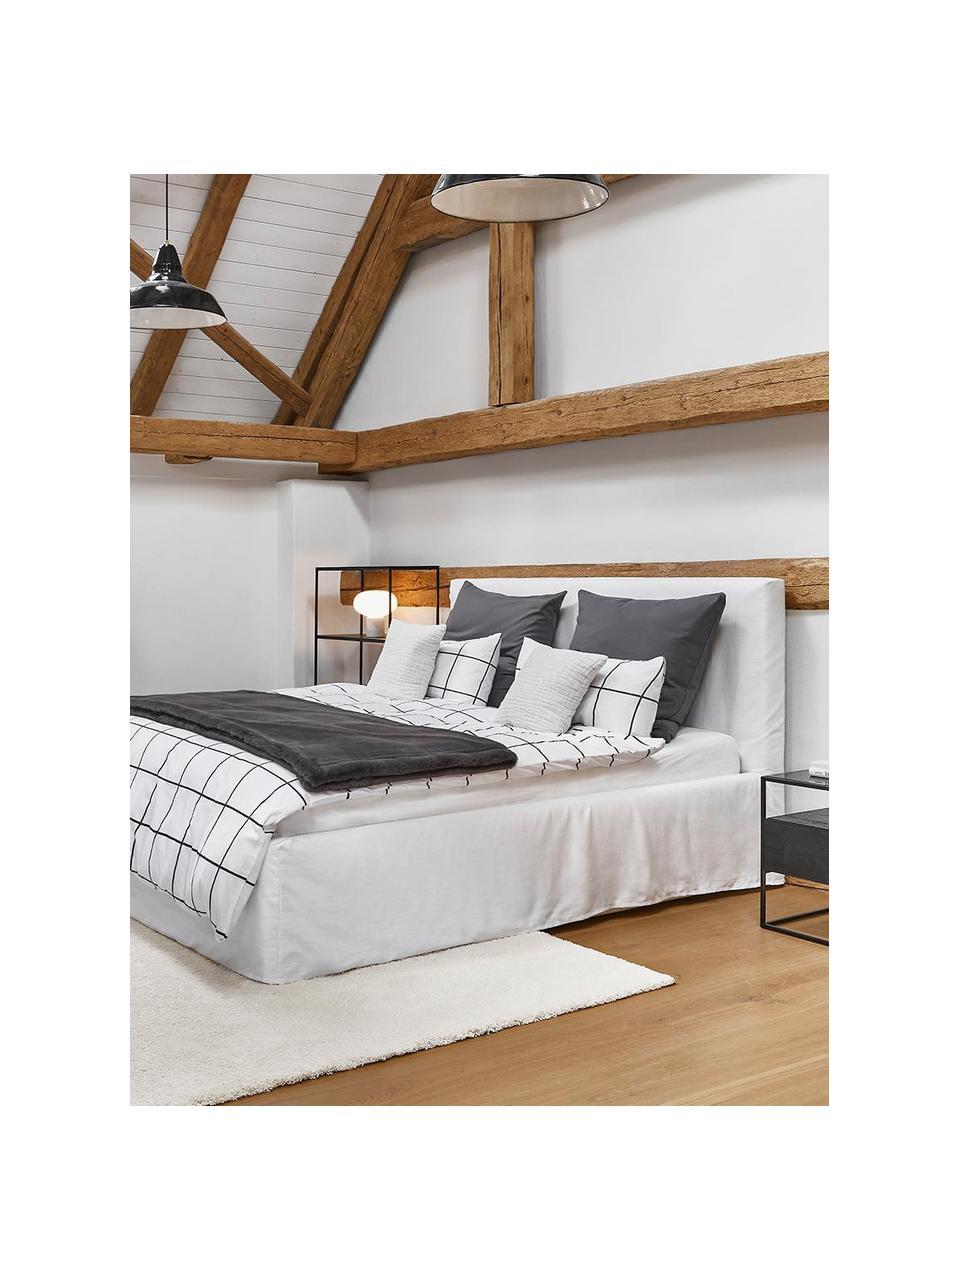 Łóżko tapicerowane z miejscem do przechowywania Feather, Korpus: lite drewno sosnowe i pły, Tapicerka: poliester (tkanina strukt, Kremowobiały, S 180 x D 200 cm